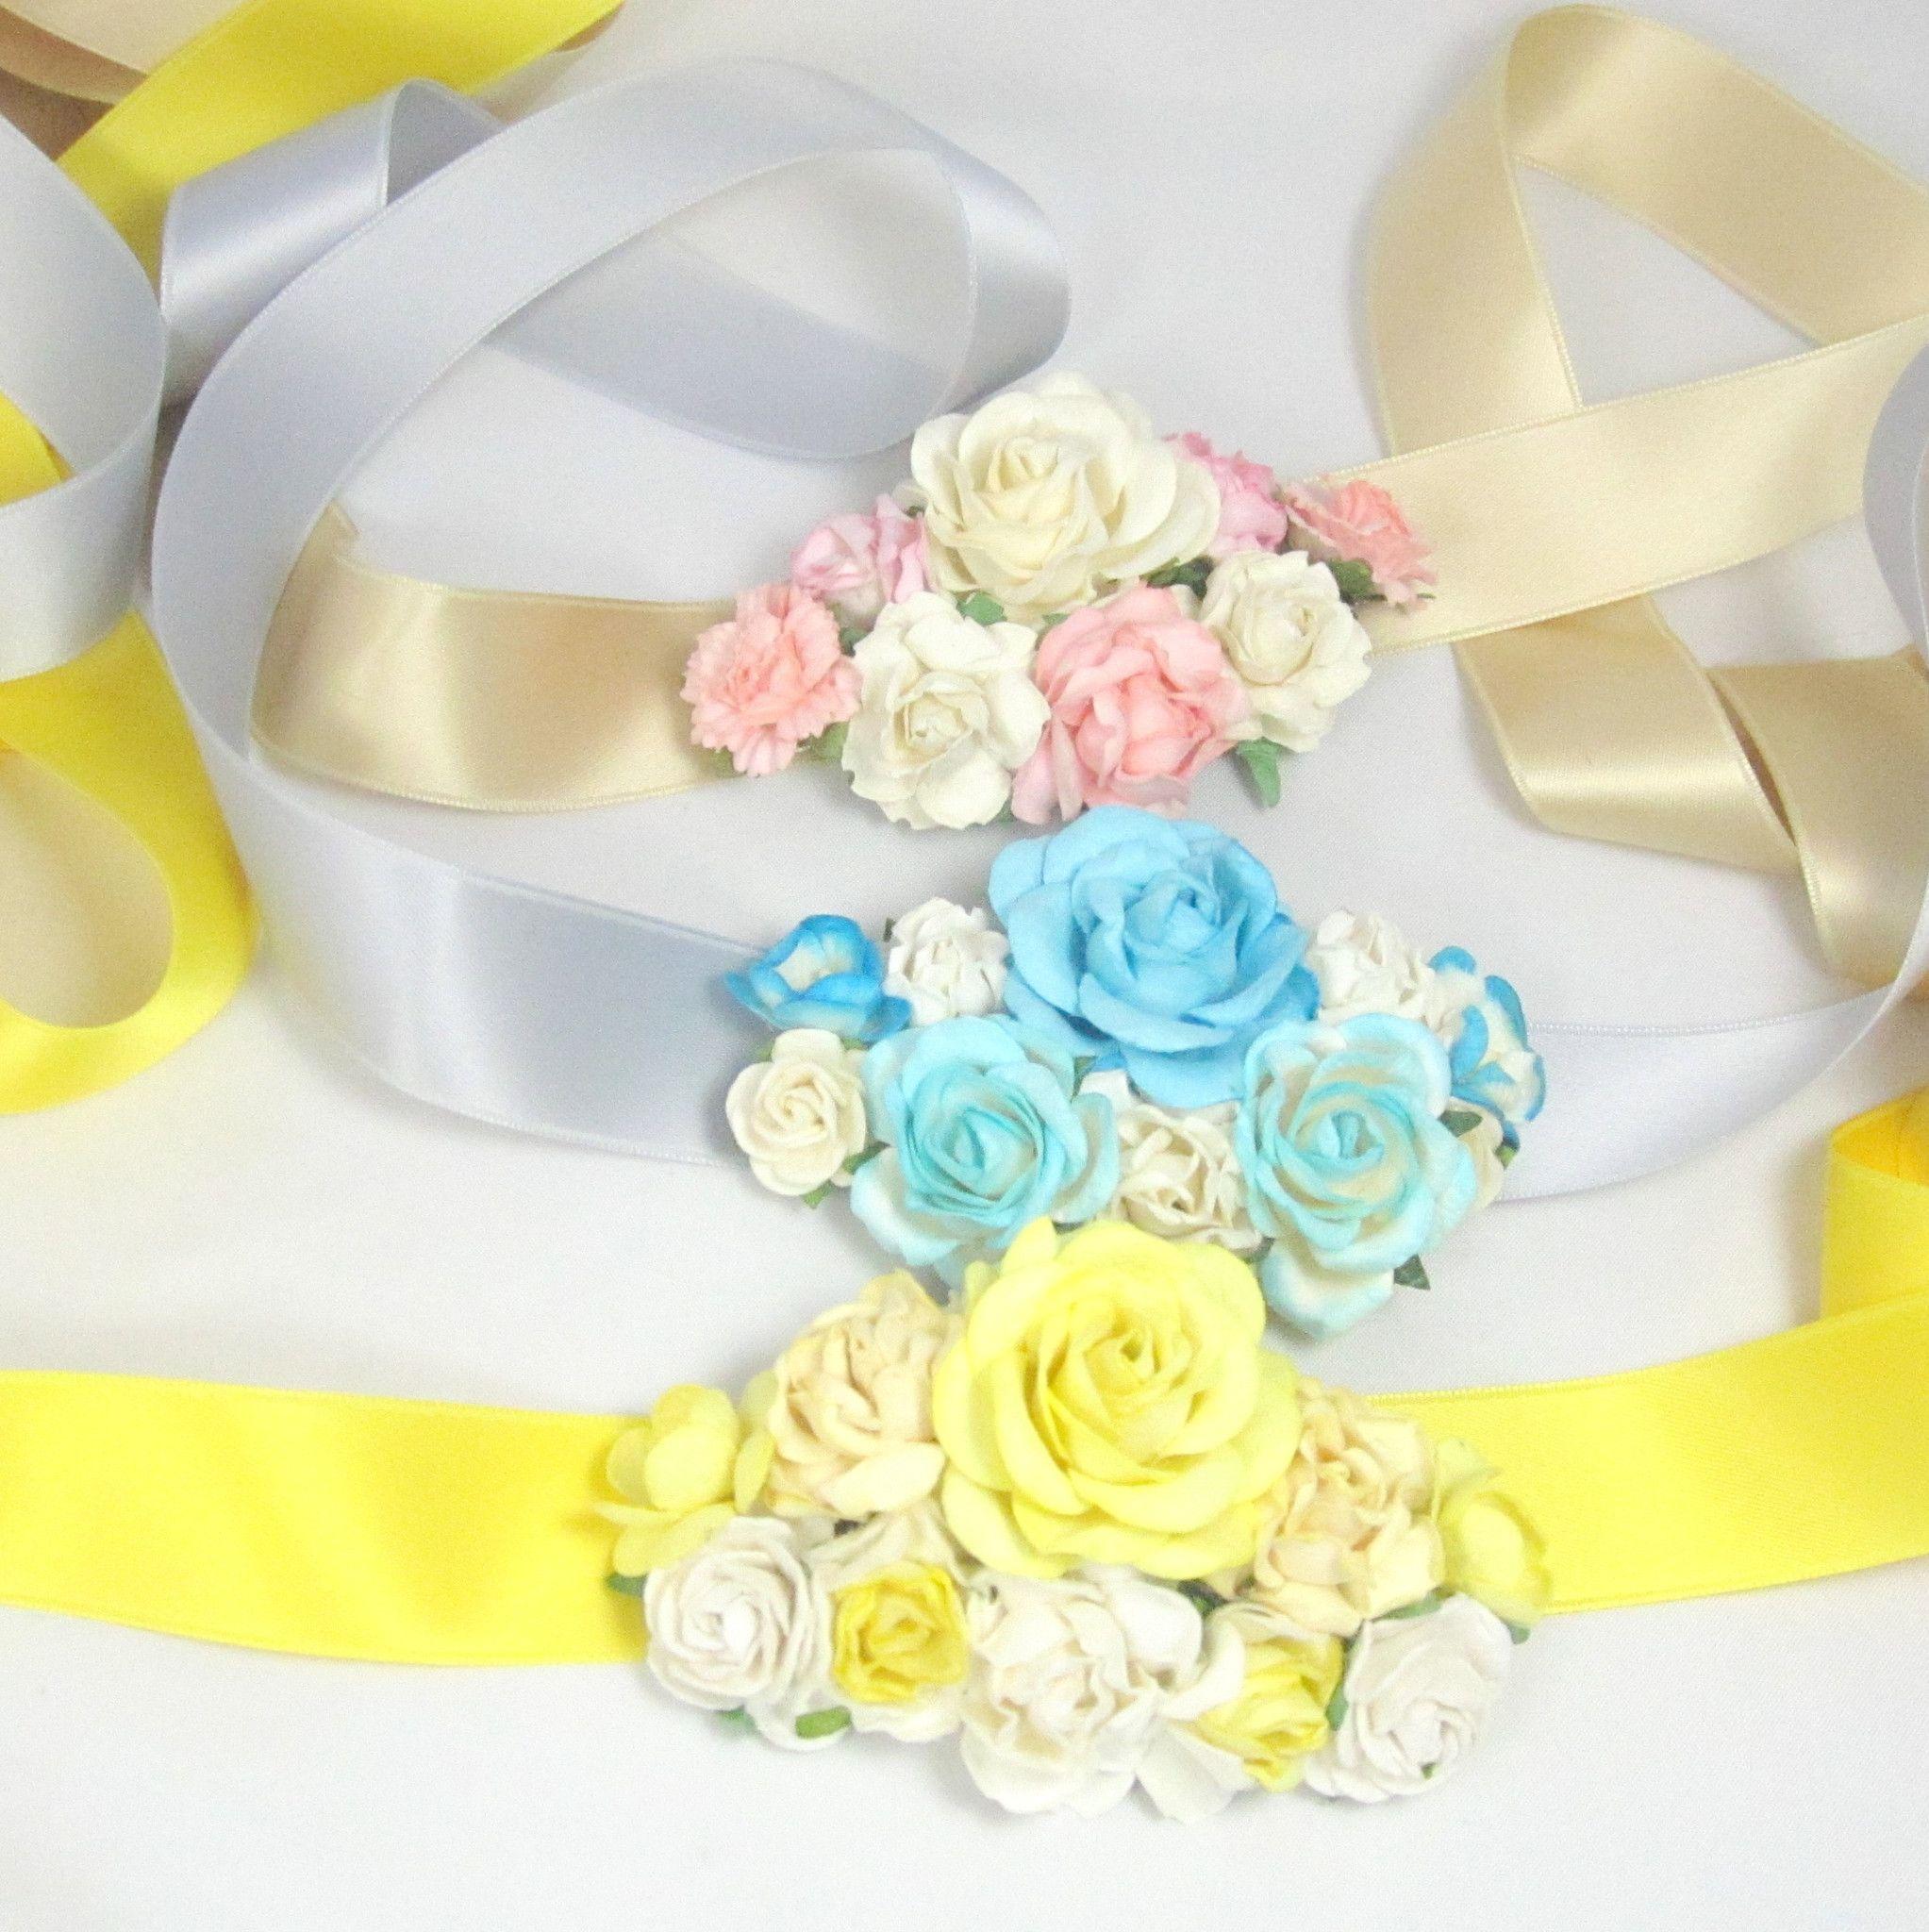 Det fineste blomsterpyntede bælte i blide farver. Så fint til at pifte en kjole op både til fest eller måske til blomsterpigen